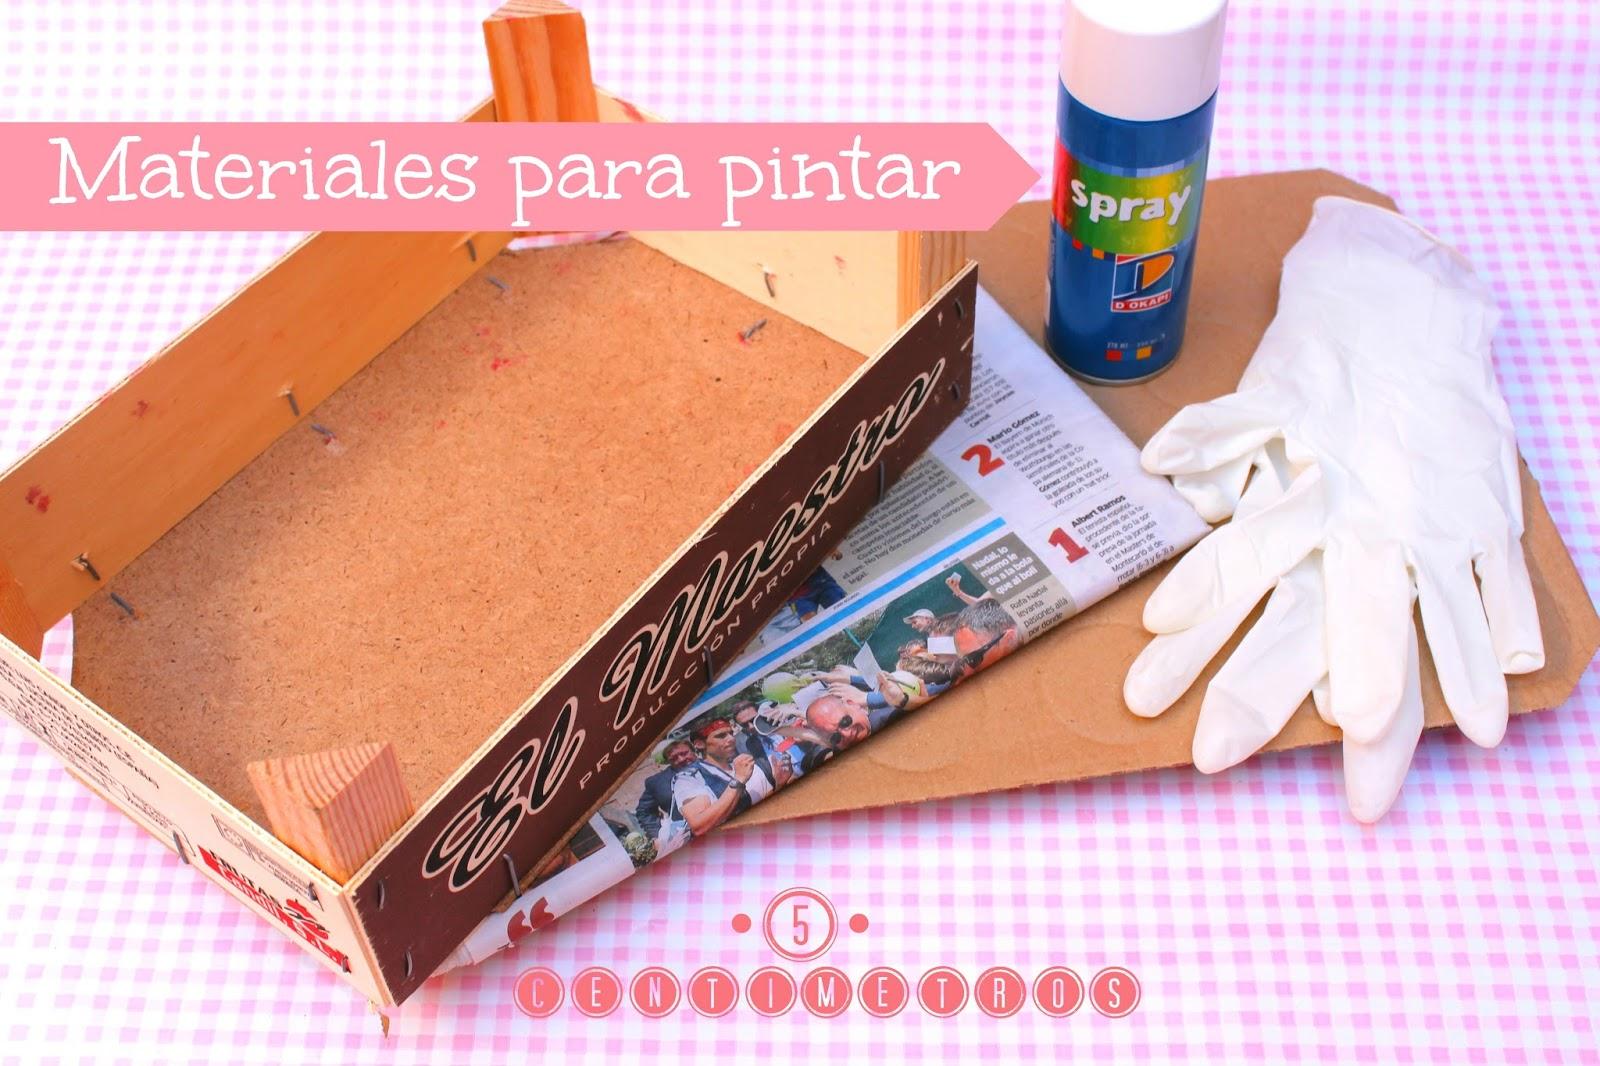 Diy decorar una caja de fruta 5centimetros - Como decorar cajas de fruta ...